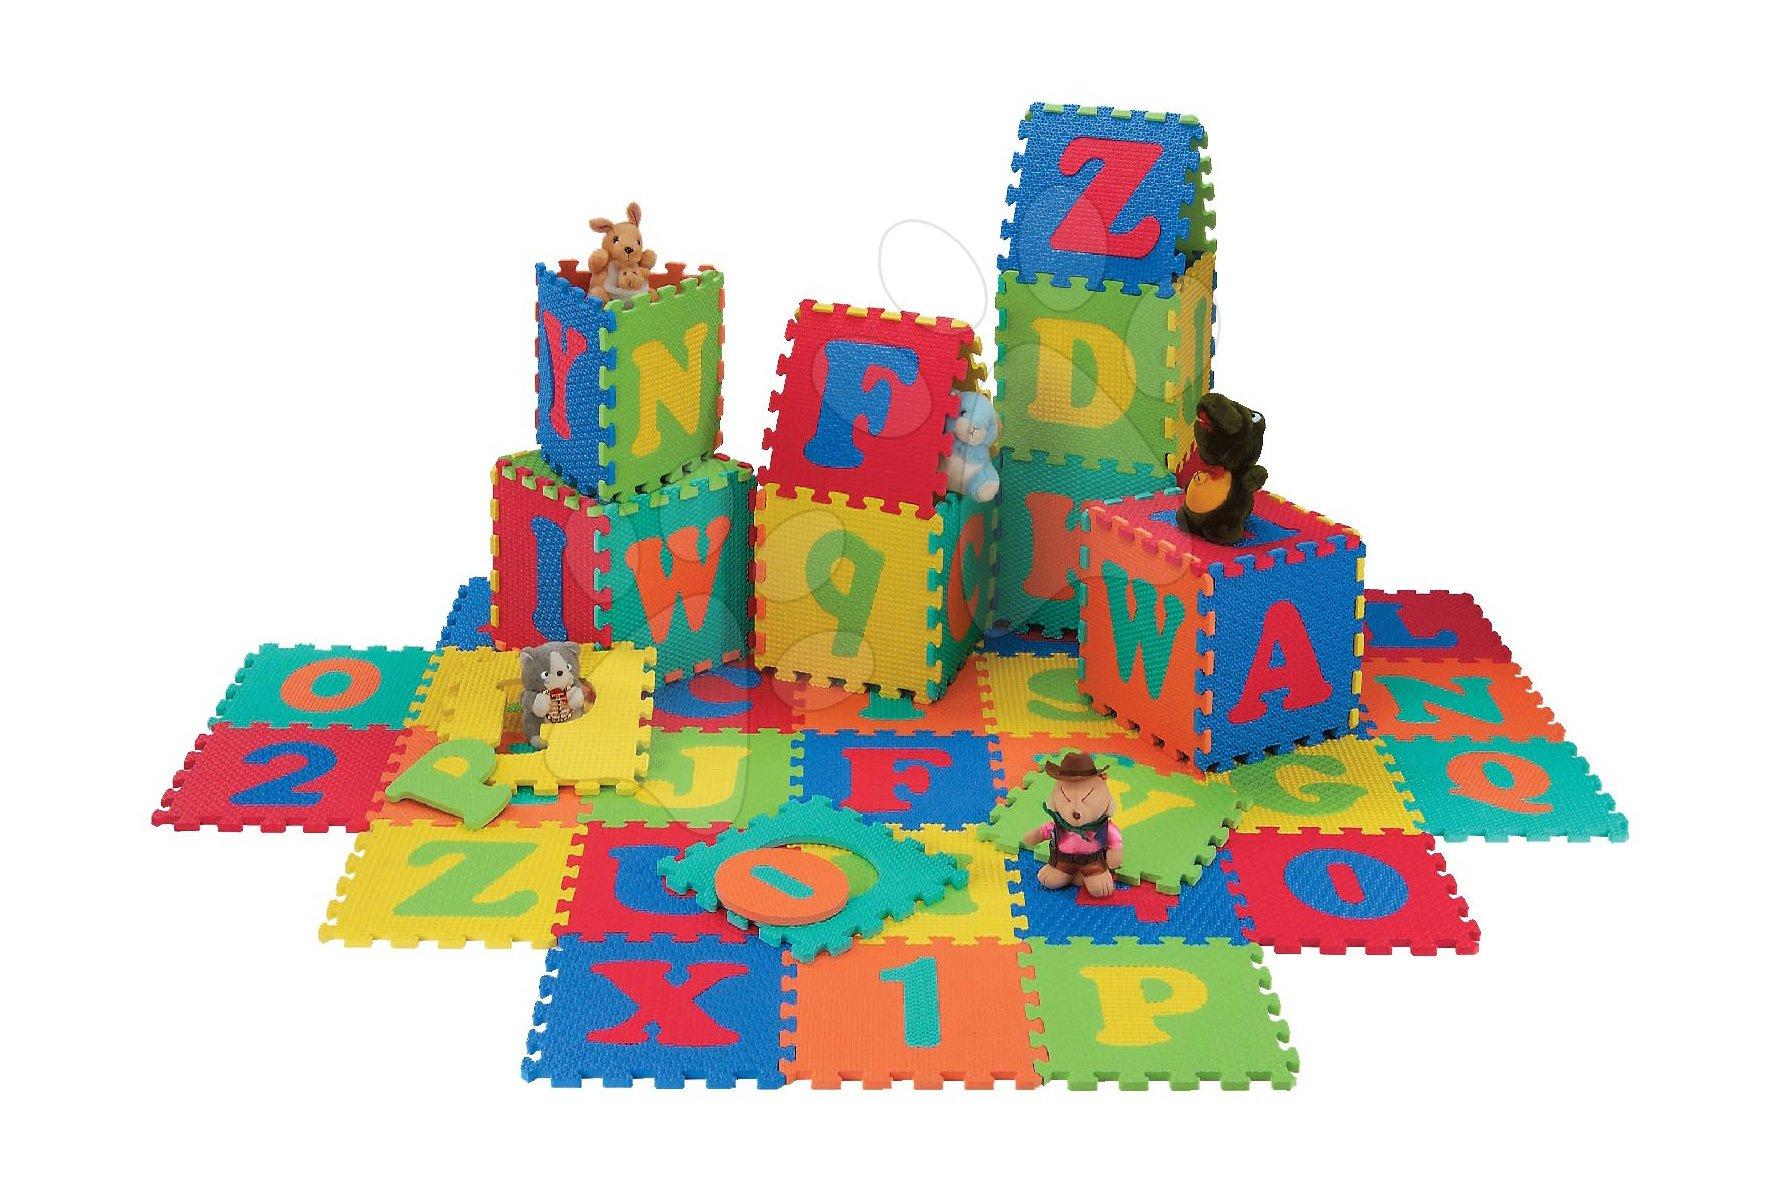 Penové puzzle - Penové podlahové puzzle Lee Chyun Abeceda, 26 dielov 32*32*1,3 cm